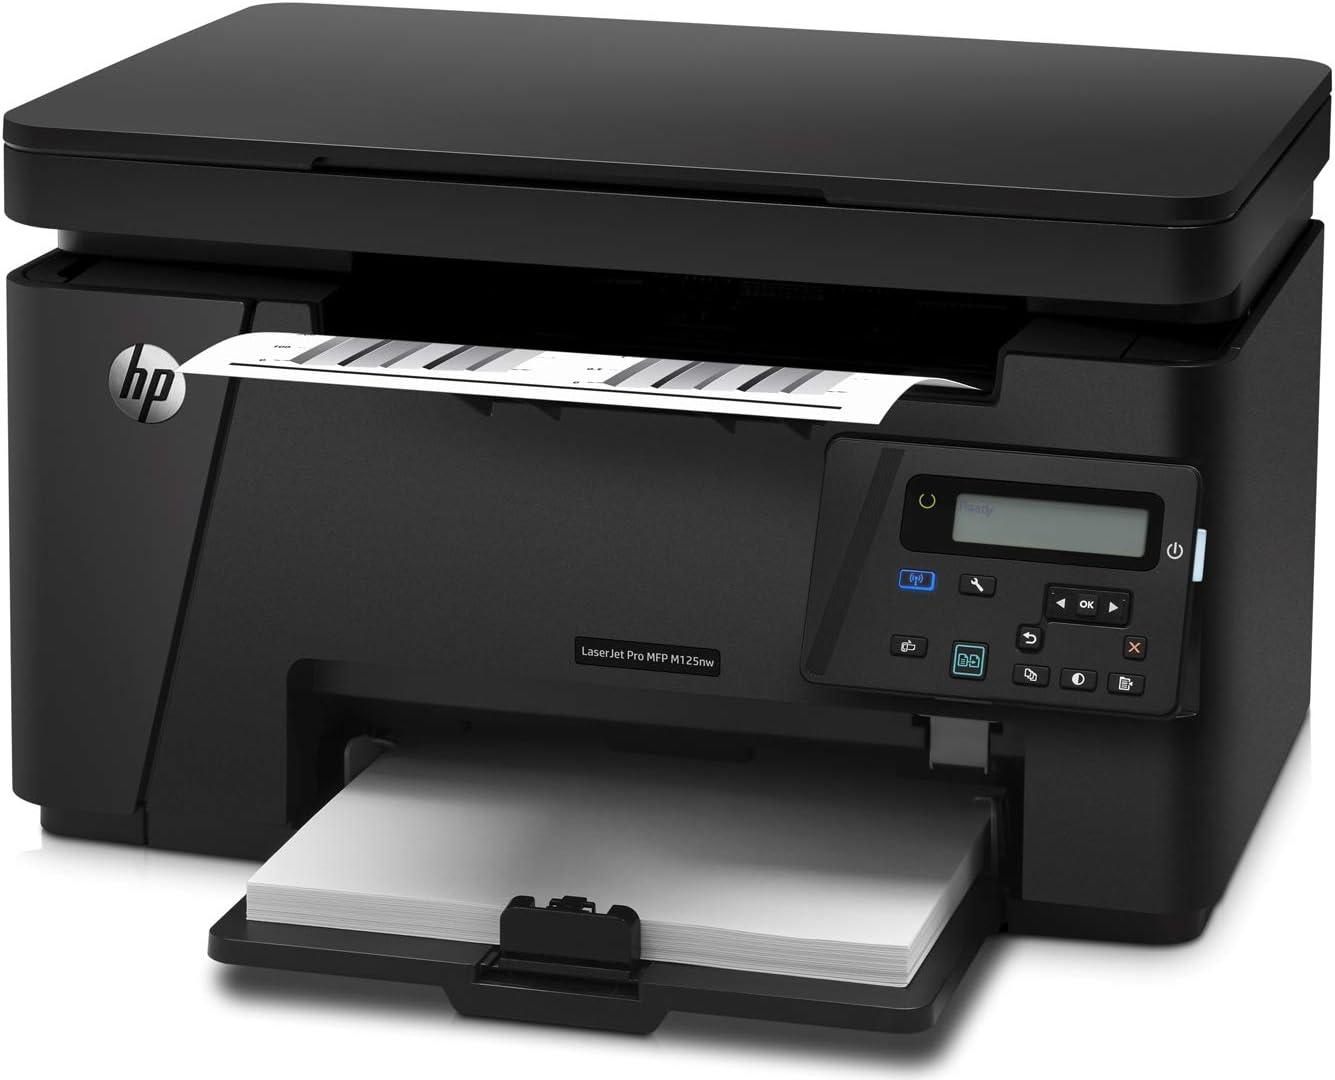 HP LaserJet Pro M125nw All-in-One Wireless Laser Printer (CZ173A) (Renewed)